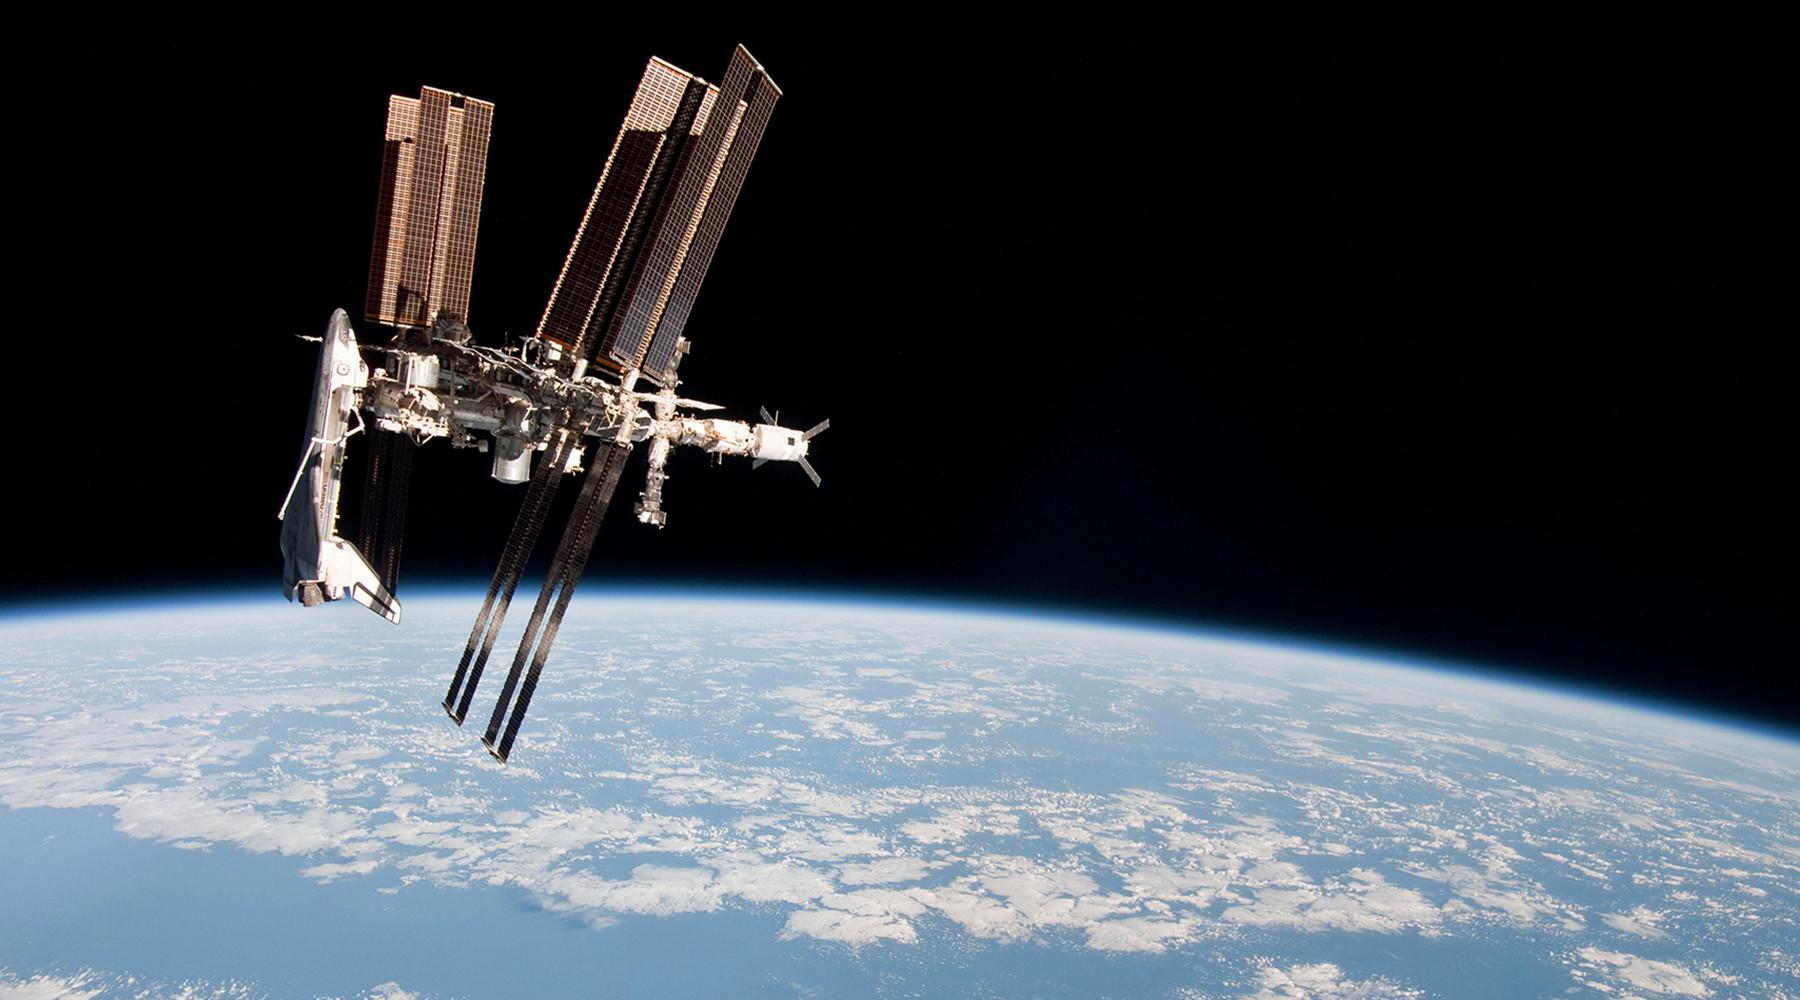 Места с доплатой: США придётся продлить контракты с Россией, чтобы сохранить присутствие своих астронавтов на МКС